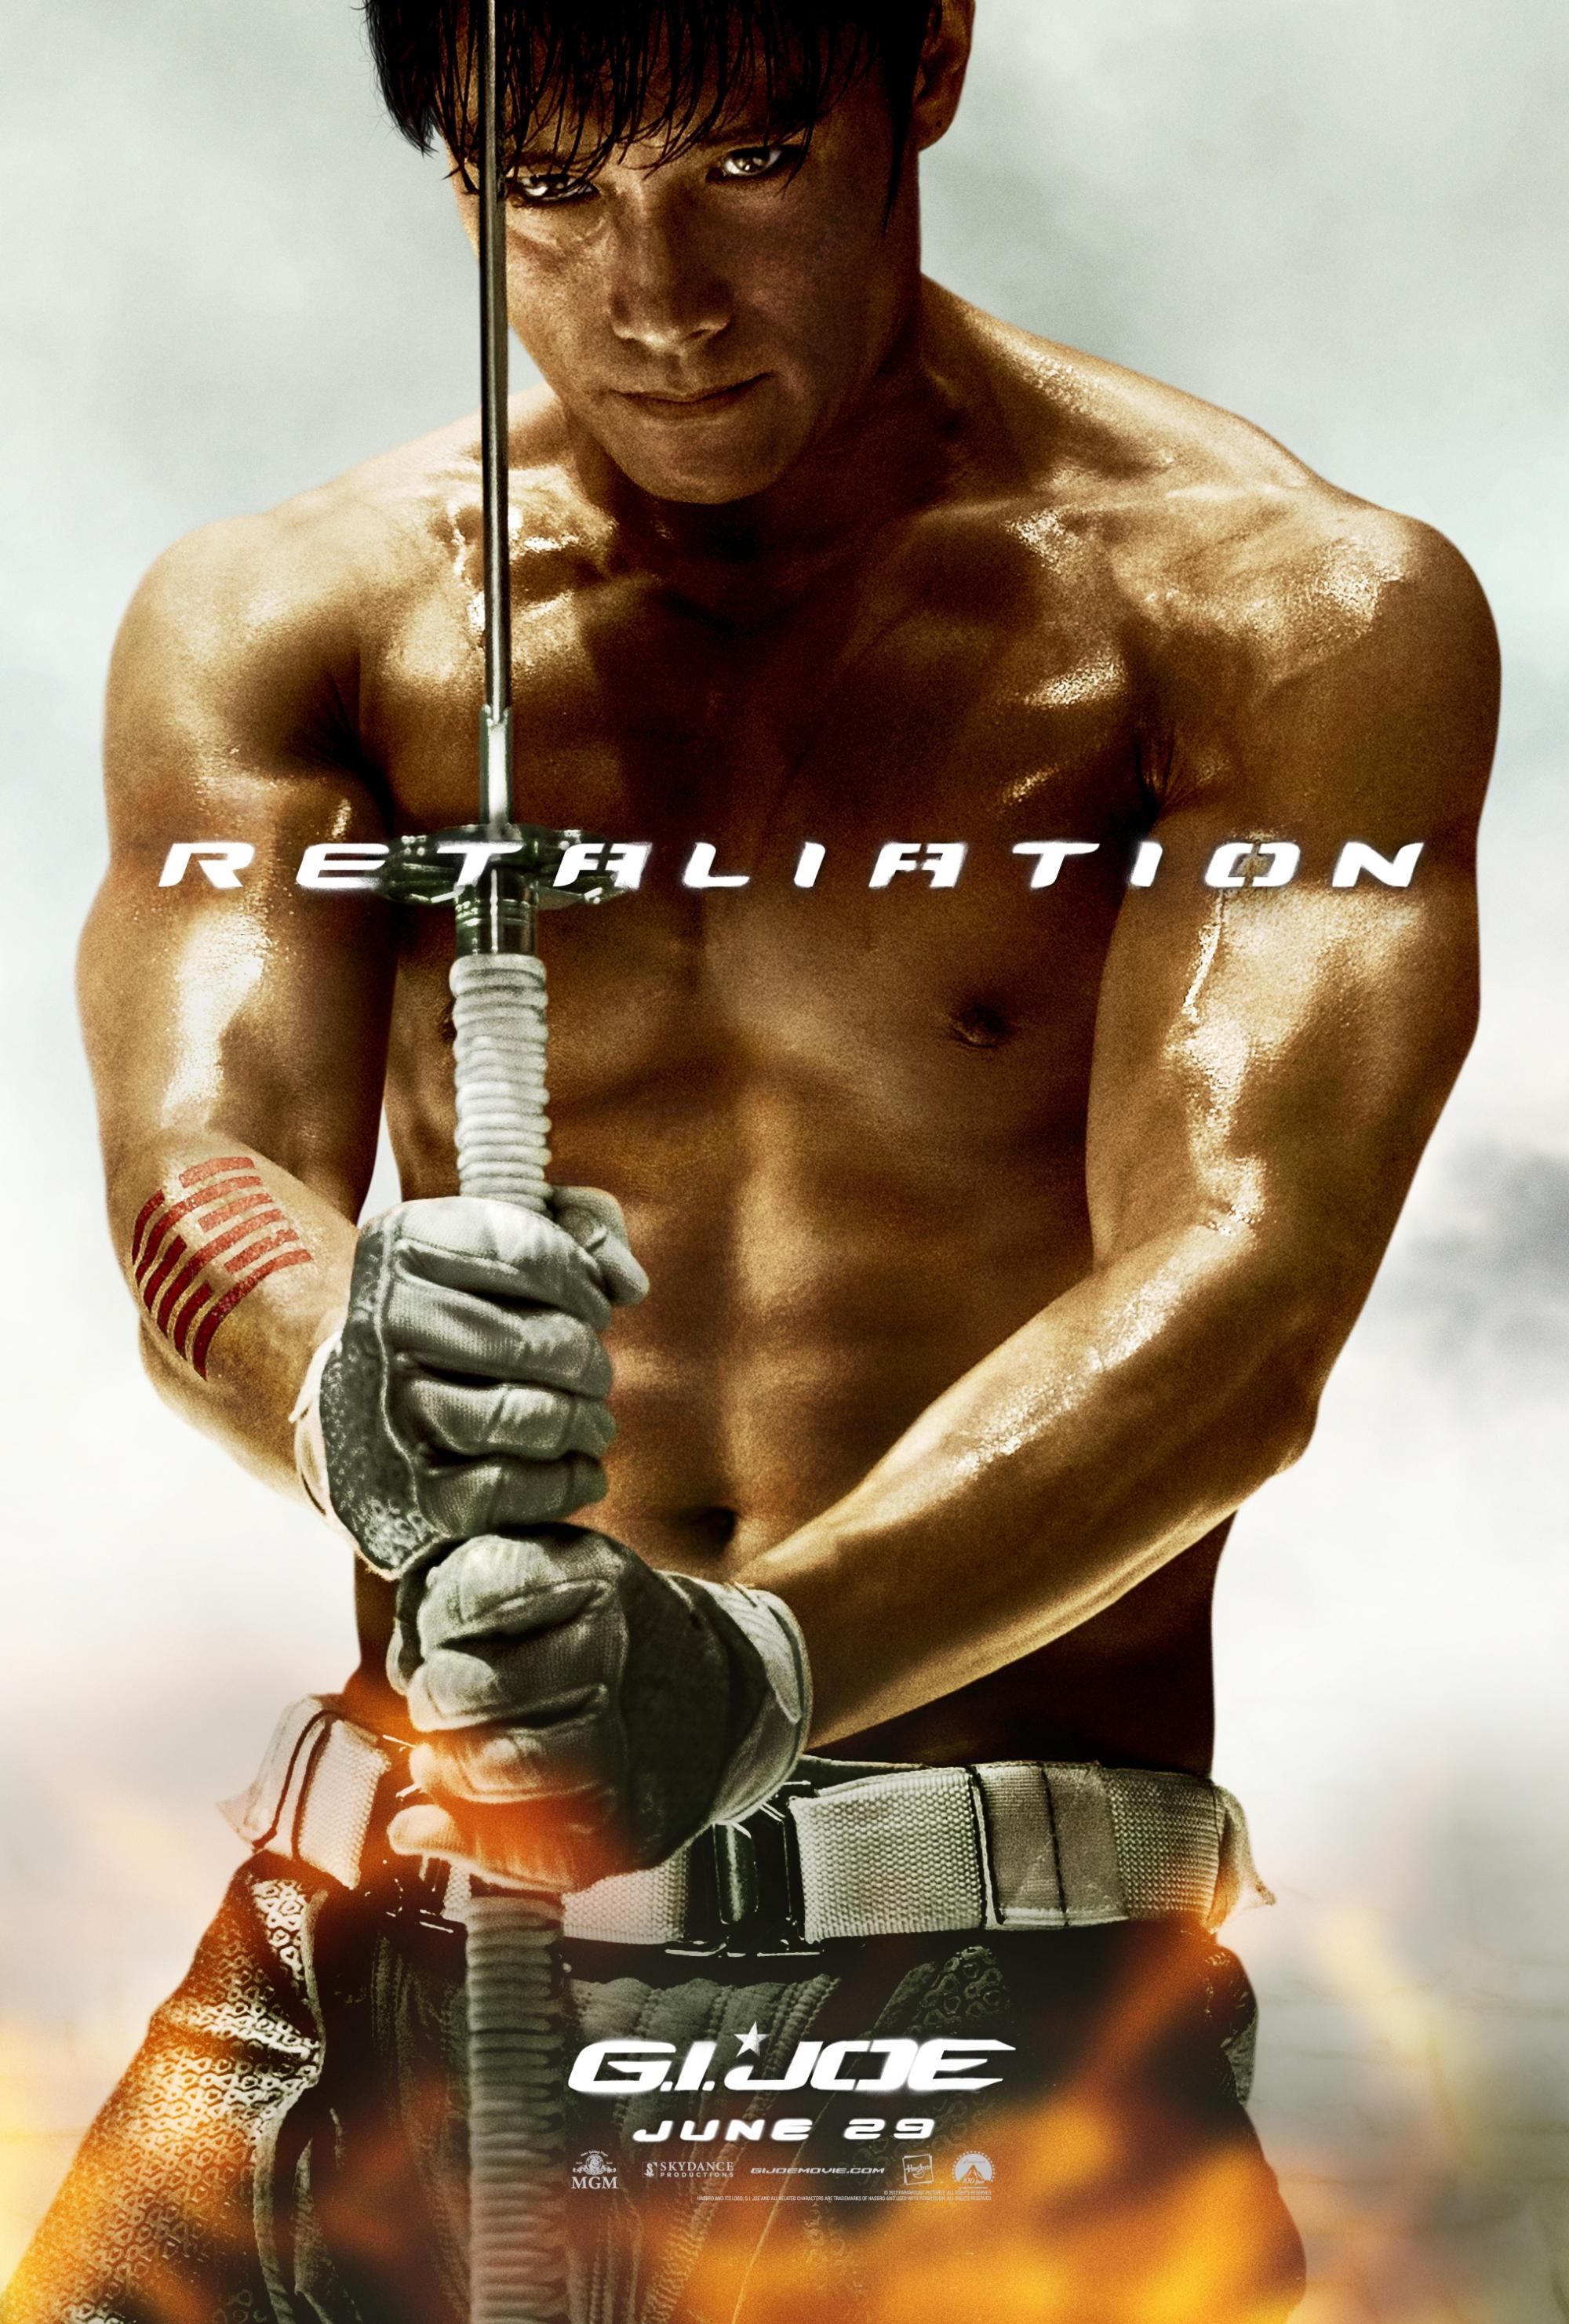 G.I. Joe: Retaliation - Movie Poster #6 (Original)